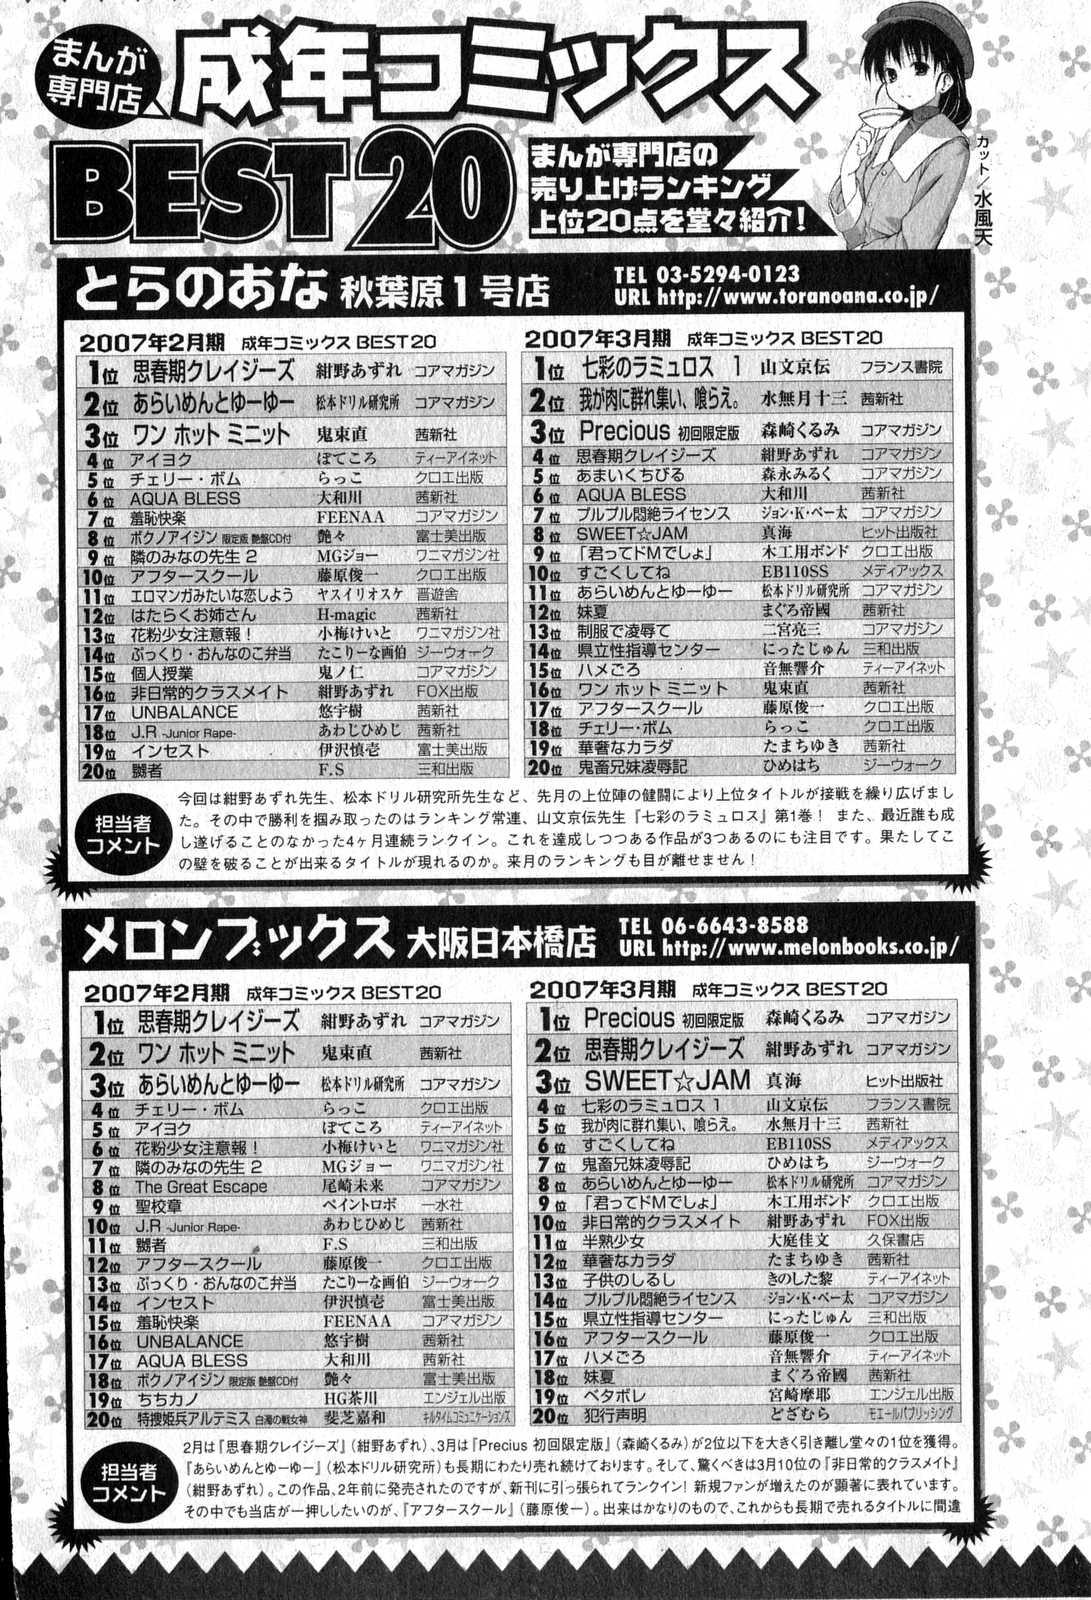 Bishoujo Teki Kaikatsu Ryoku 2007 Vol.15 188